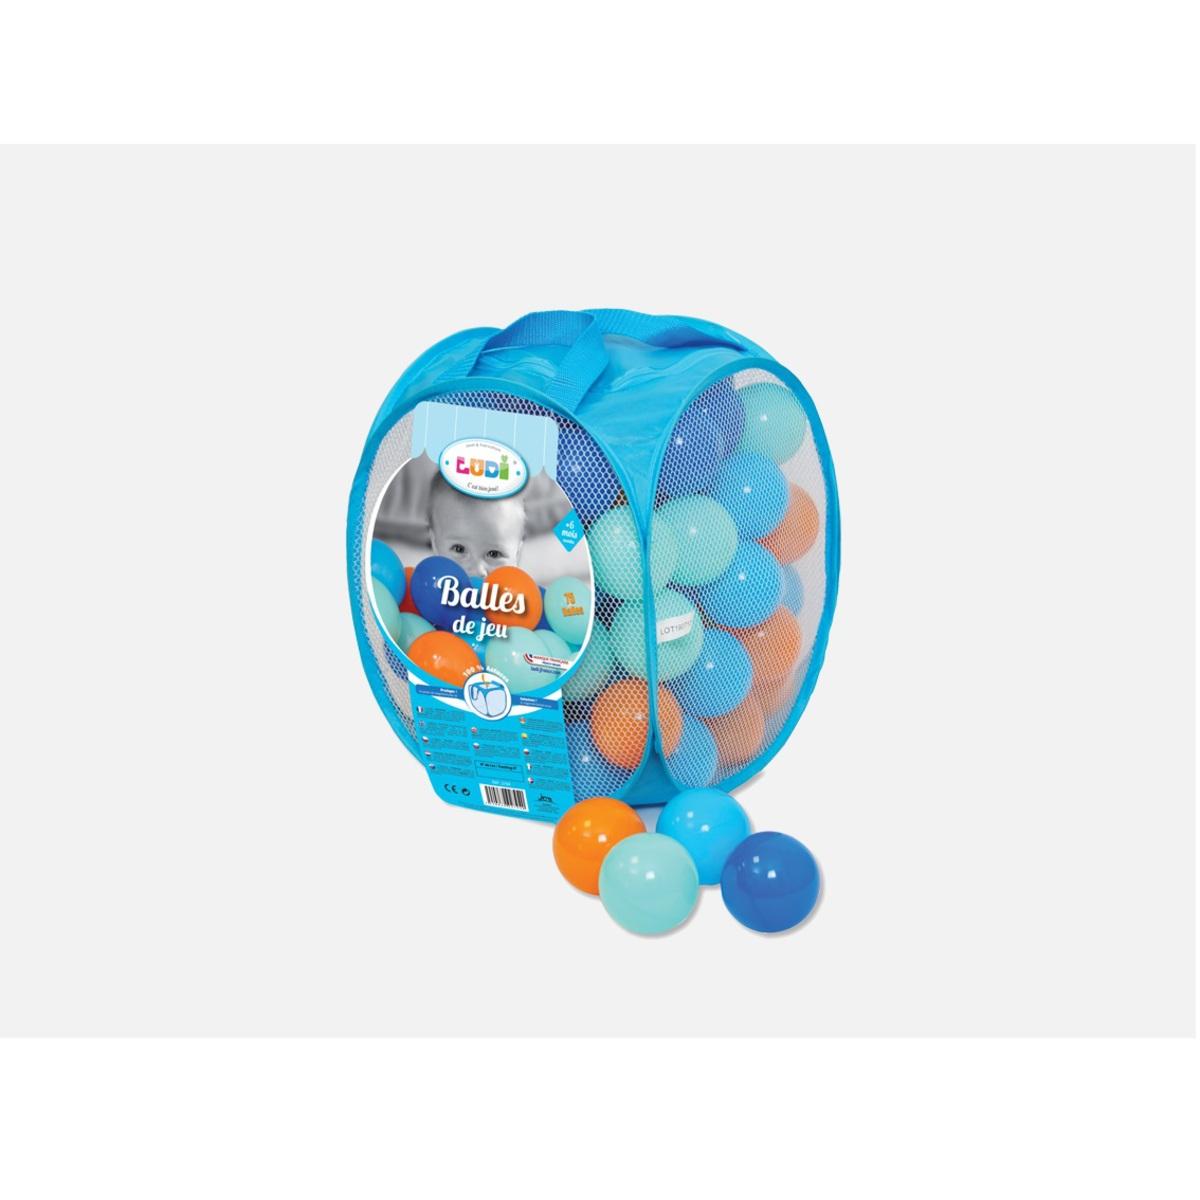 Ludi balles de jeu bleues 75 pi ces mes premiers jouets for Piscine a balles ludi